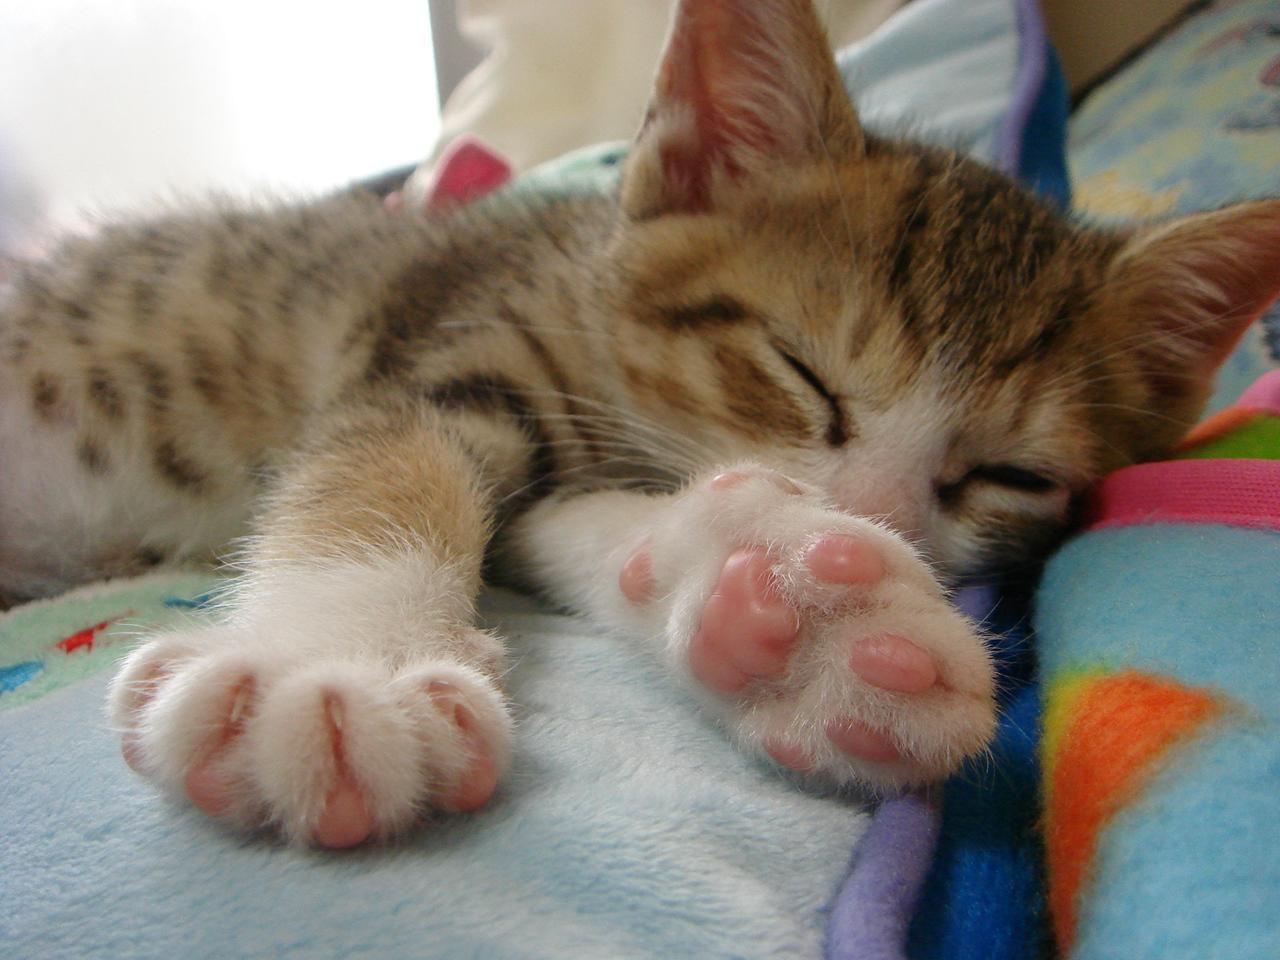 【画像】猫の肉球がテディベア風に!肉球を10倍可愛くする方法が楽しい!